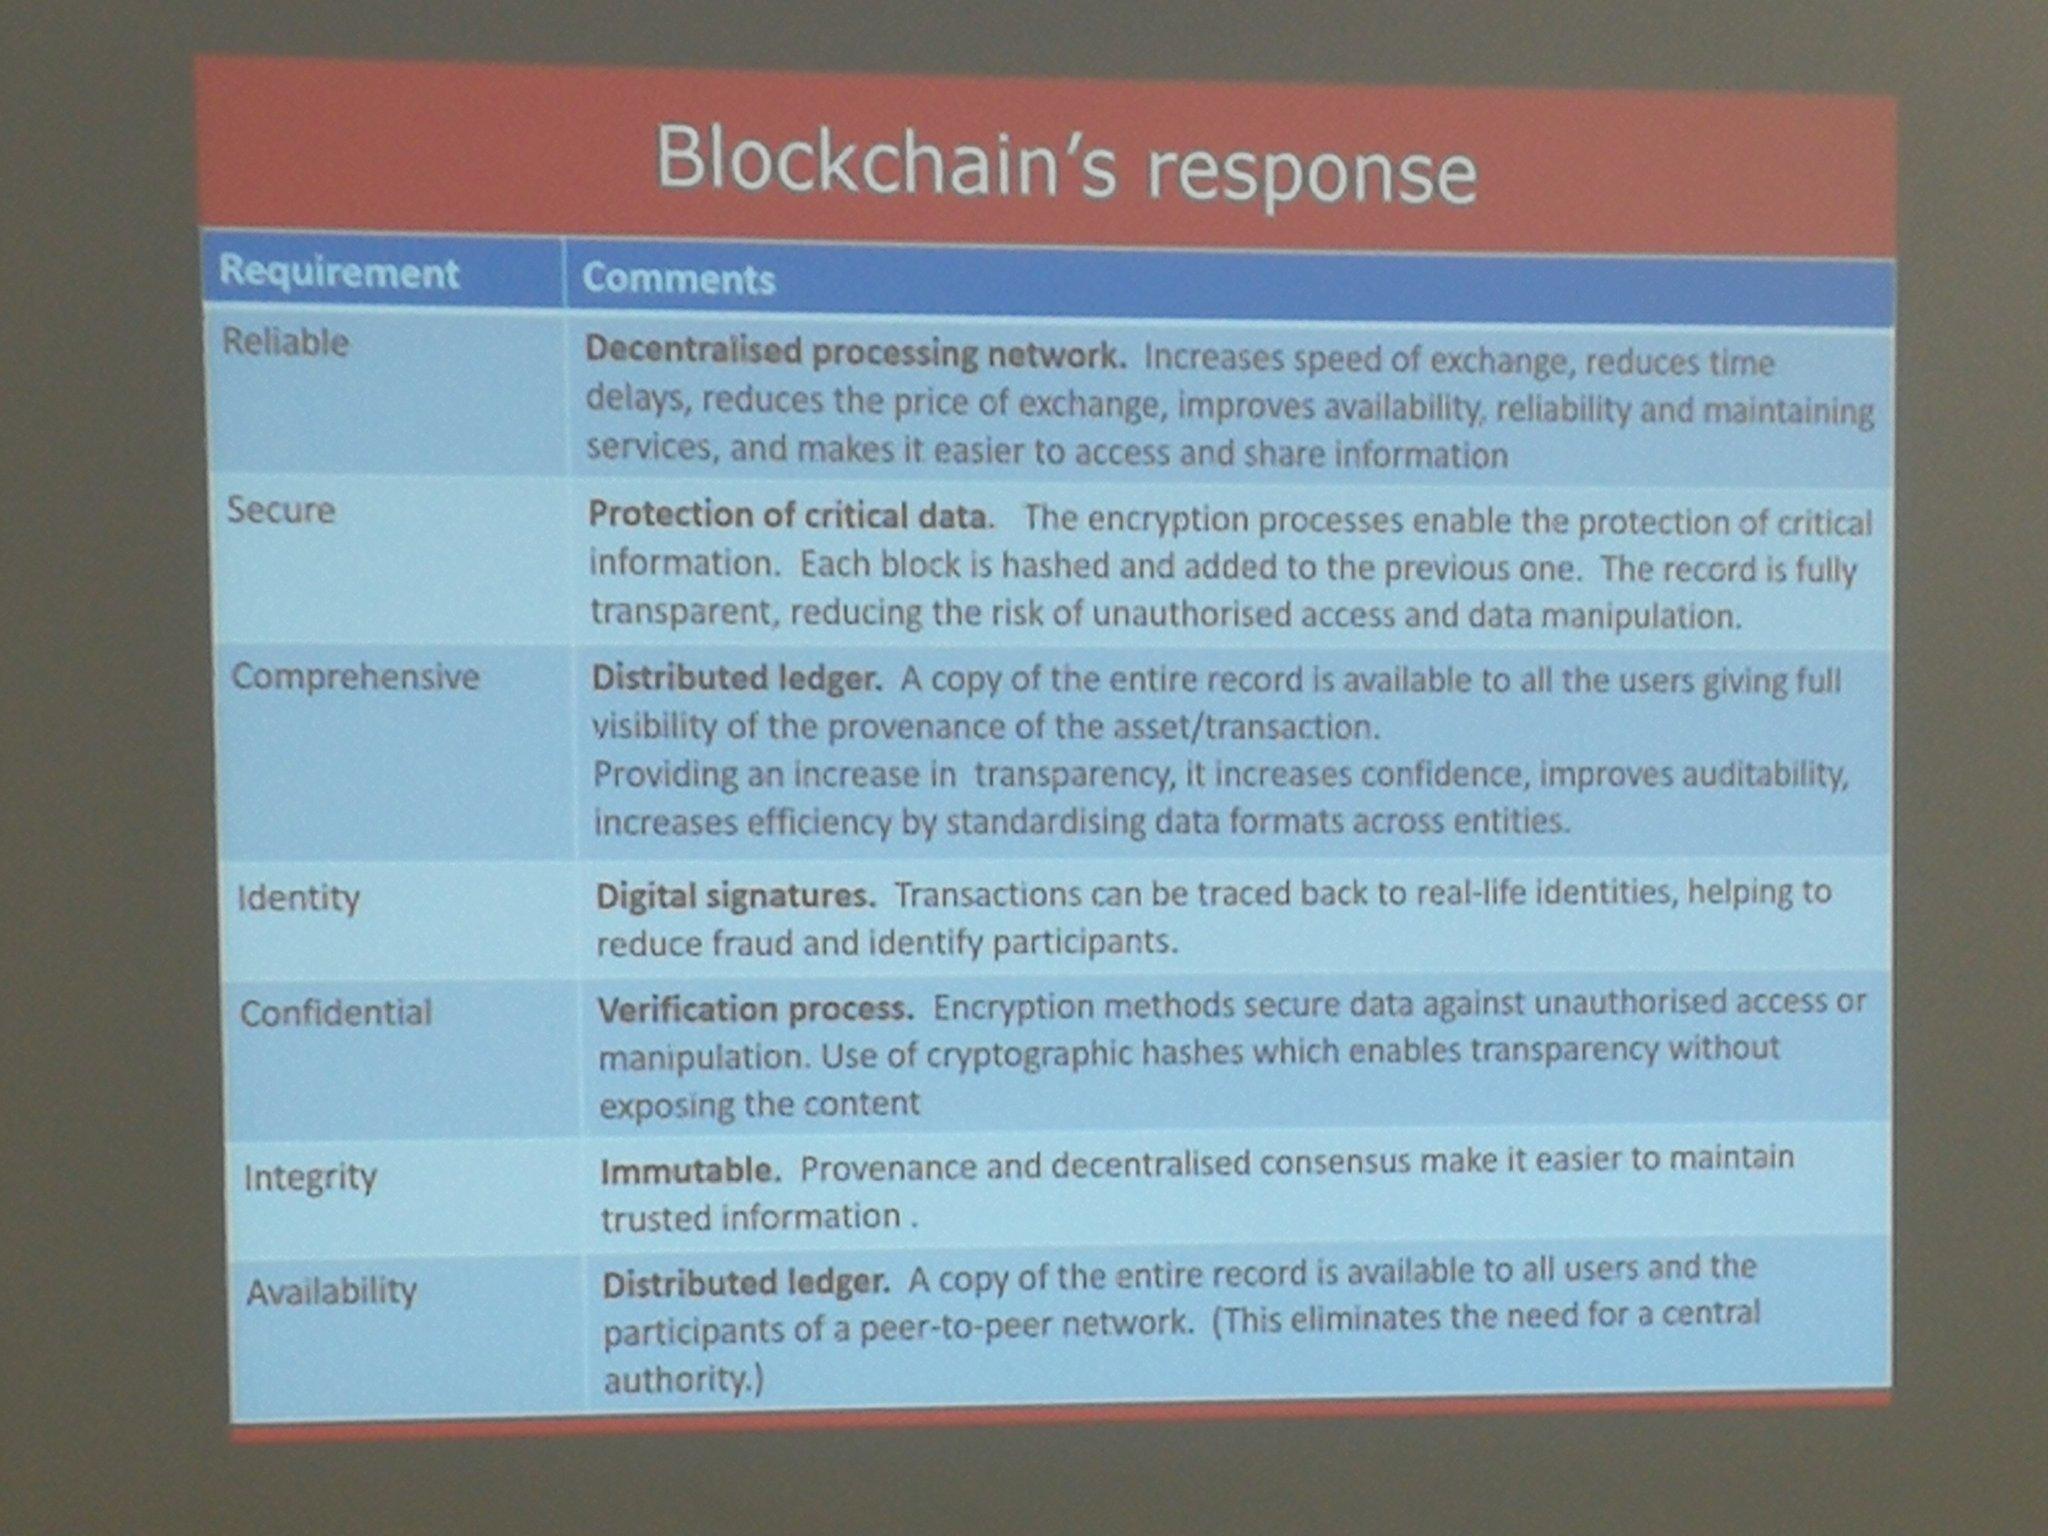 How #blockchain could meet IM/RM requirements #netikx86 https://t.co/qdoYC7S5KS